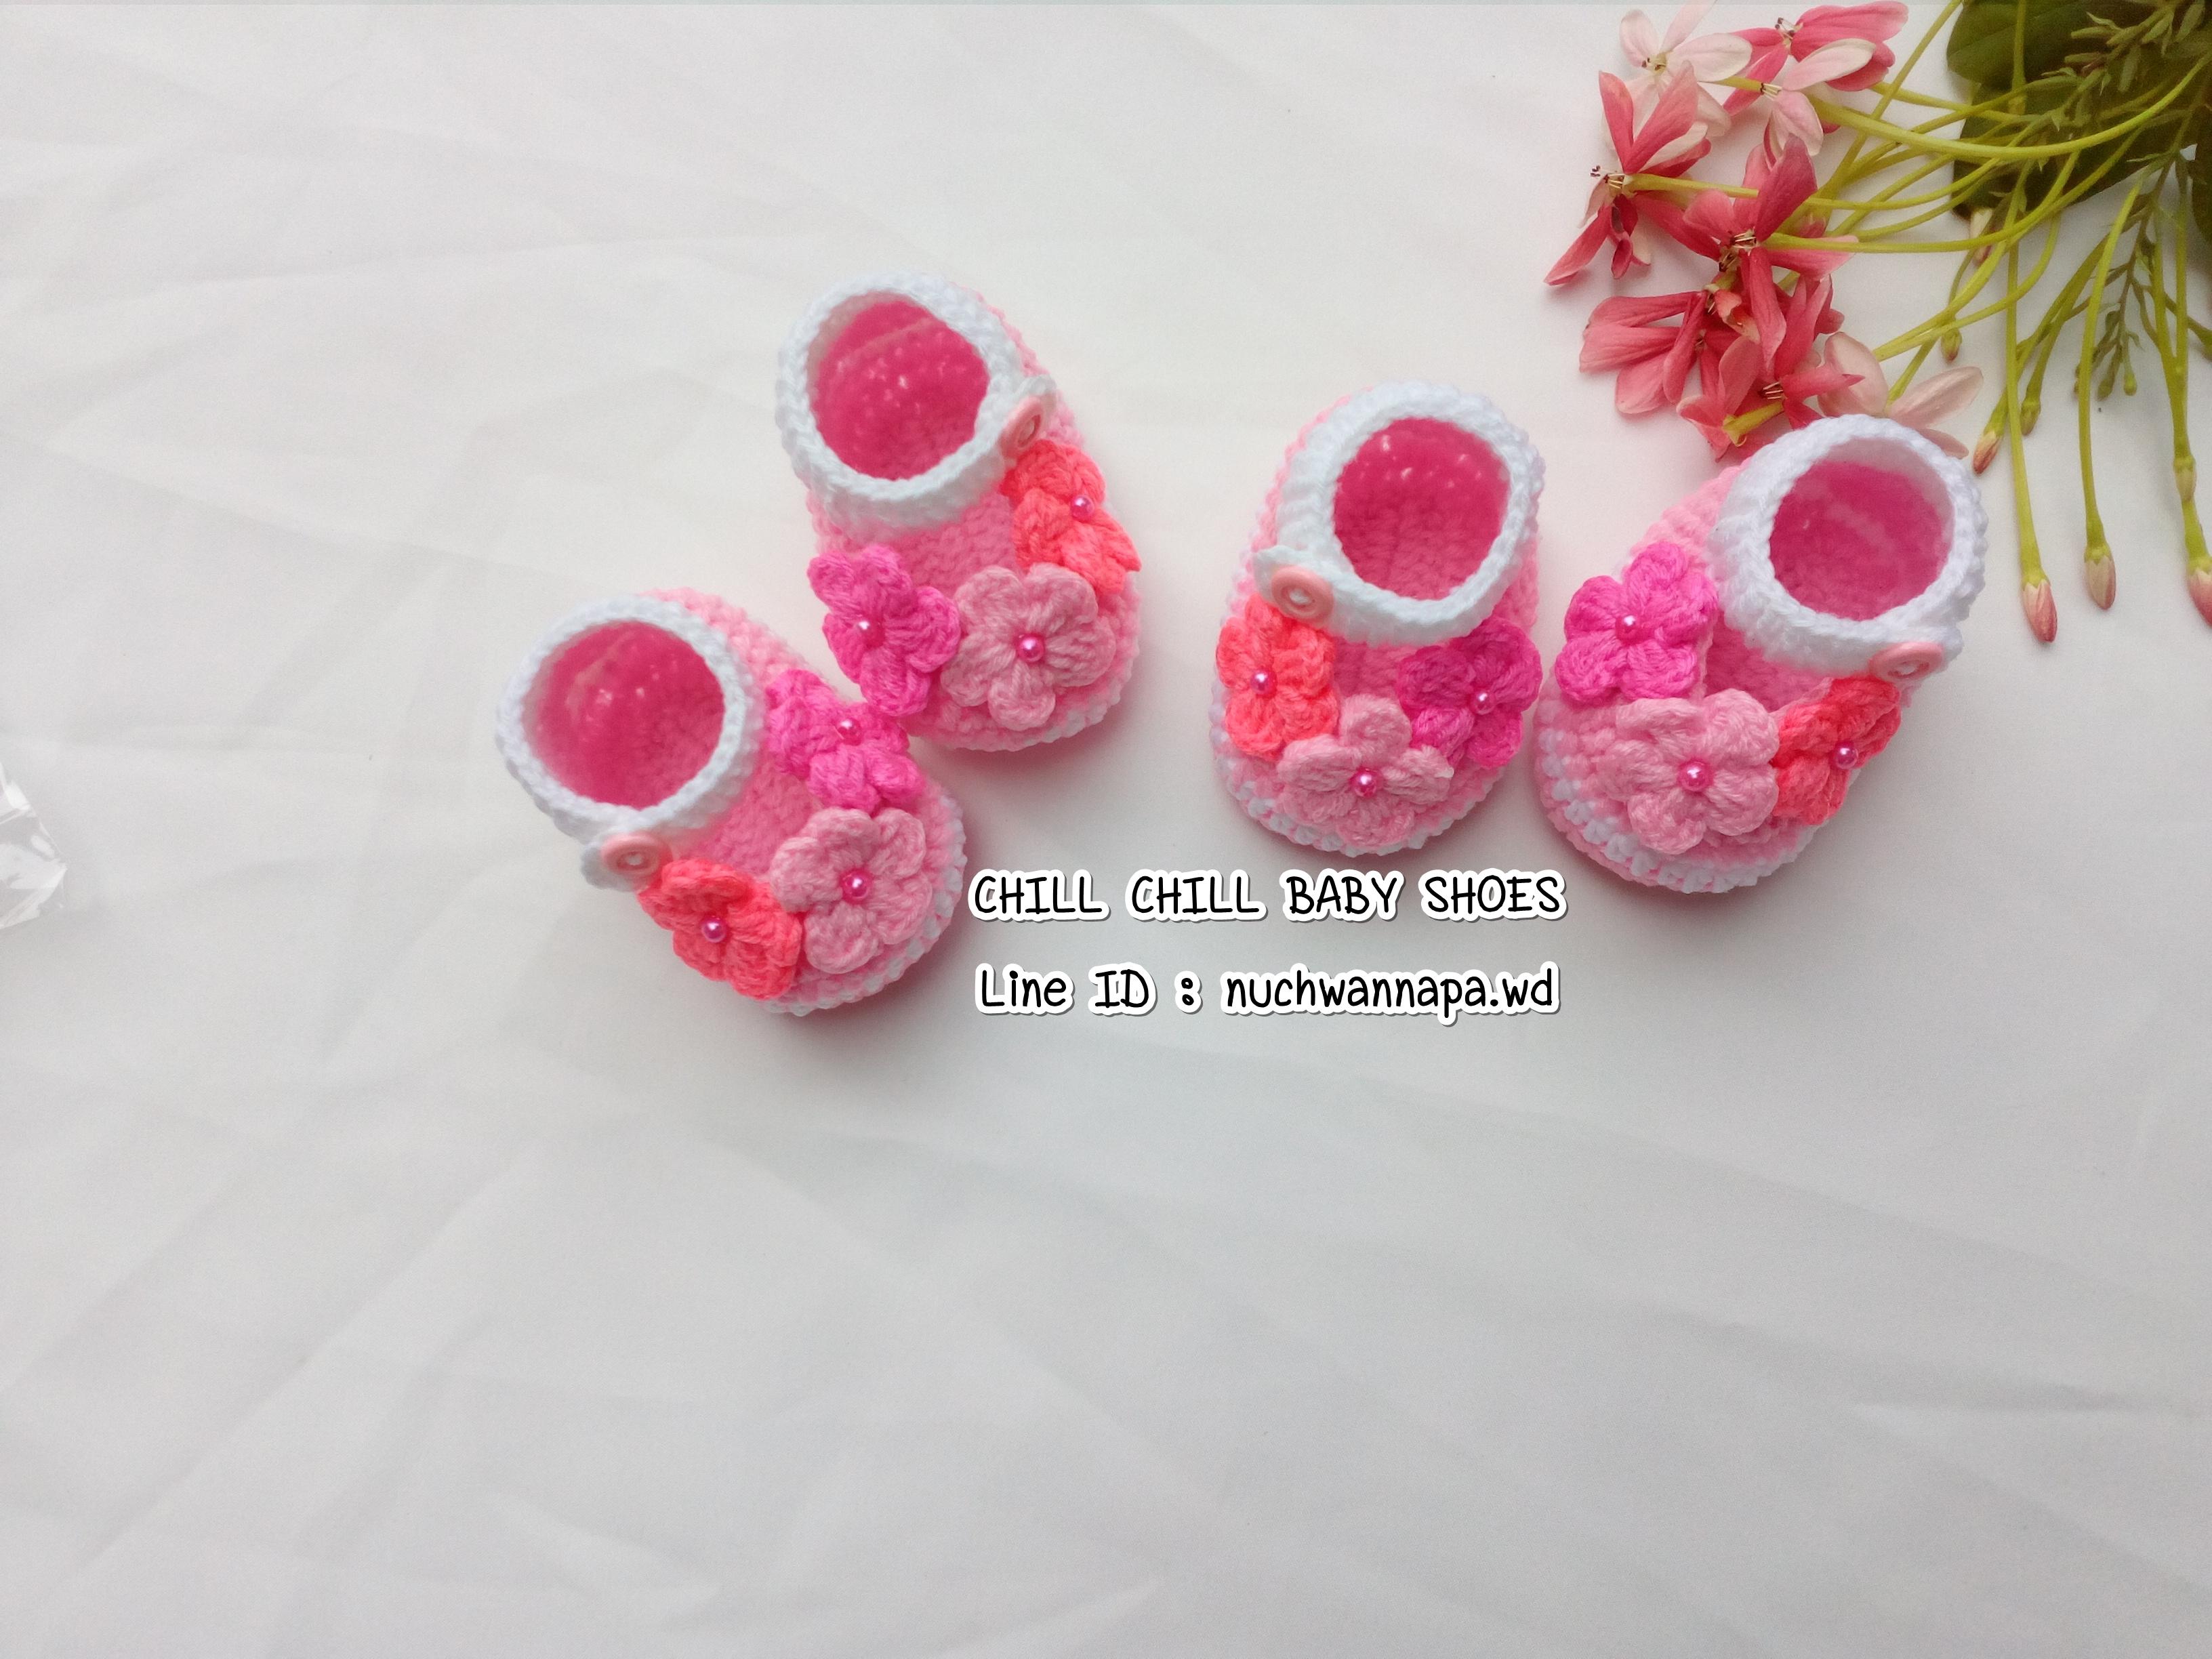 รองเท้าเด็กติดดอกไม้สีชมพู ขนาด 1-3 เดือน